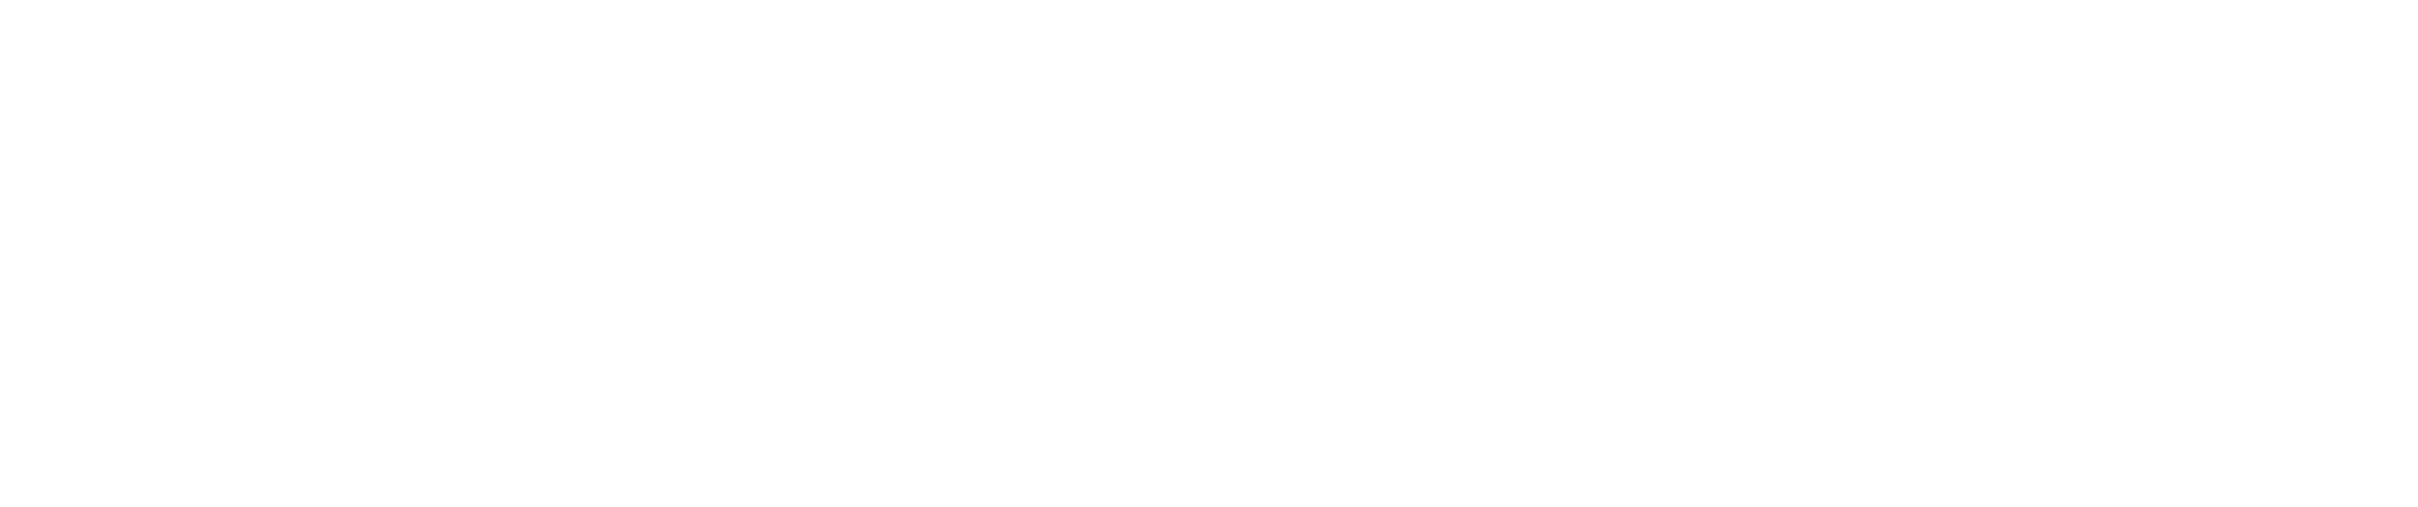 Institute of English Studies logo